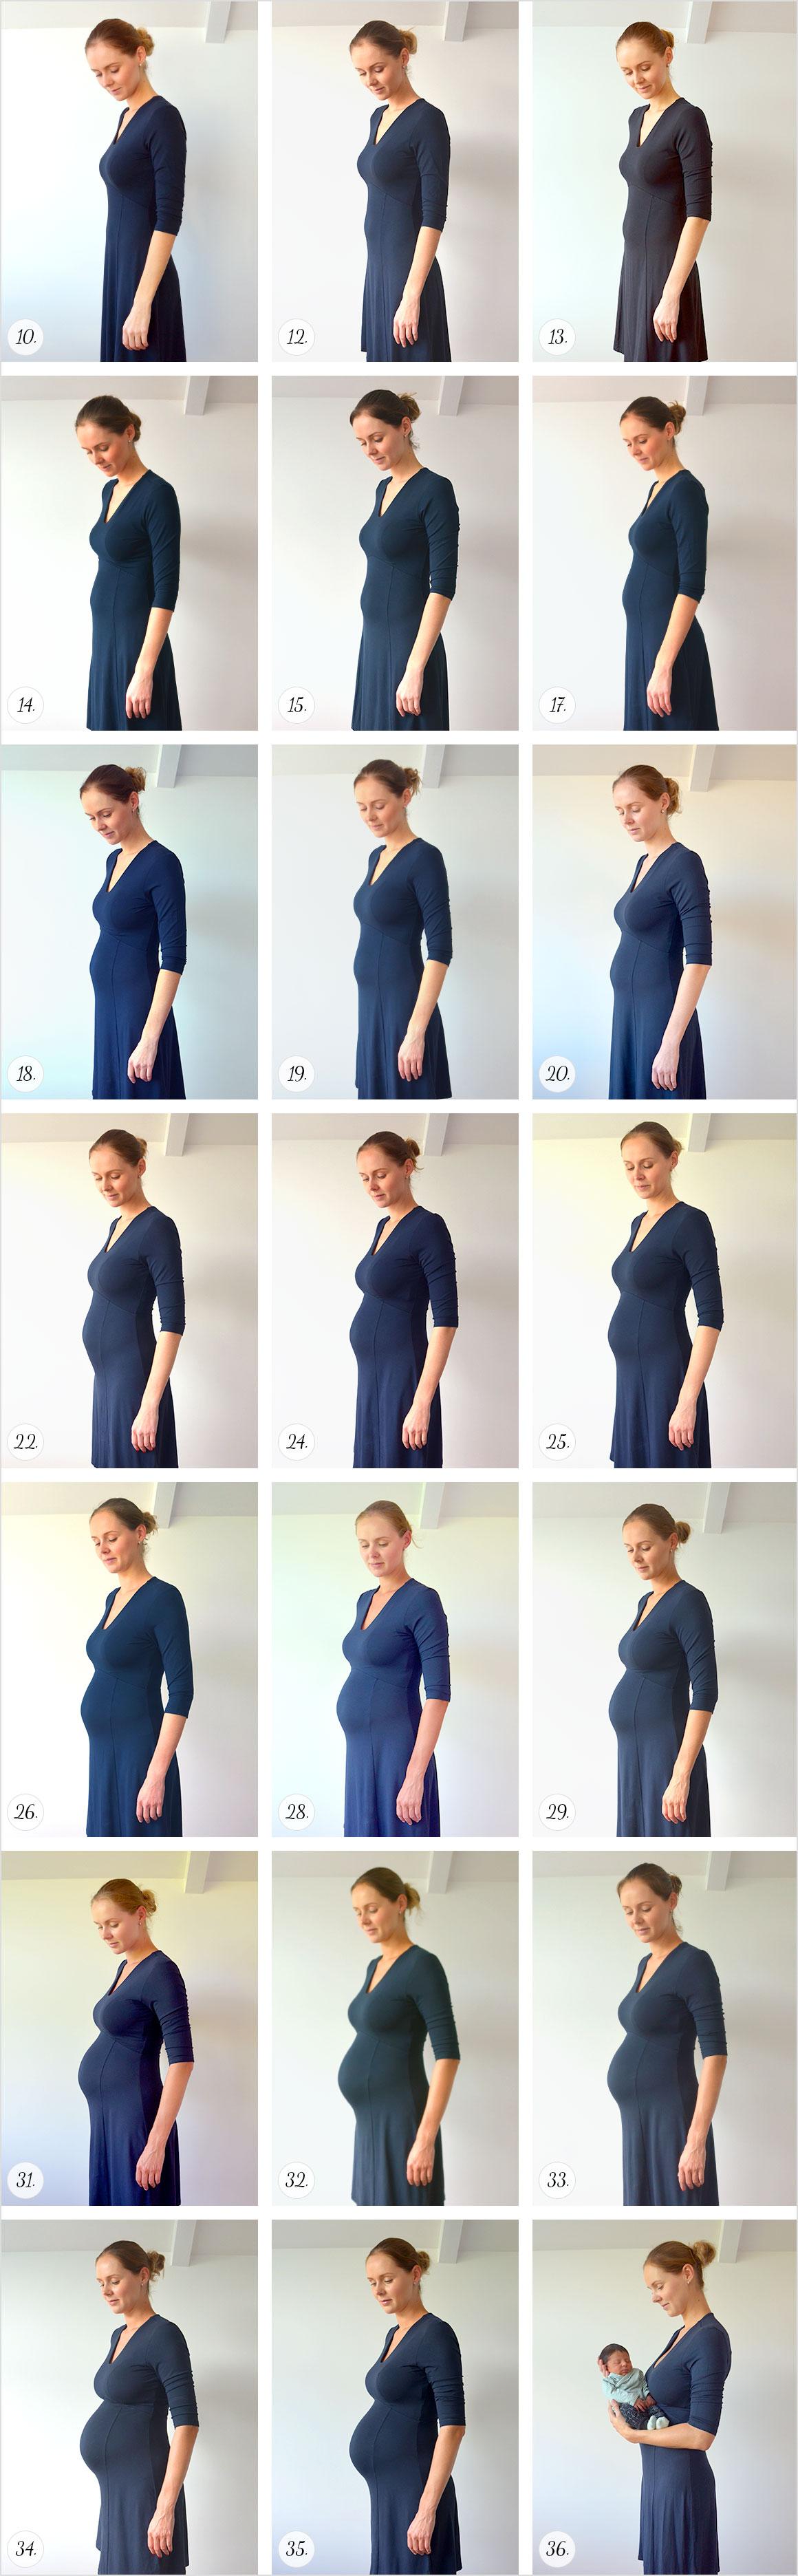 Mijn zwangerschap in buikfoto's